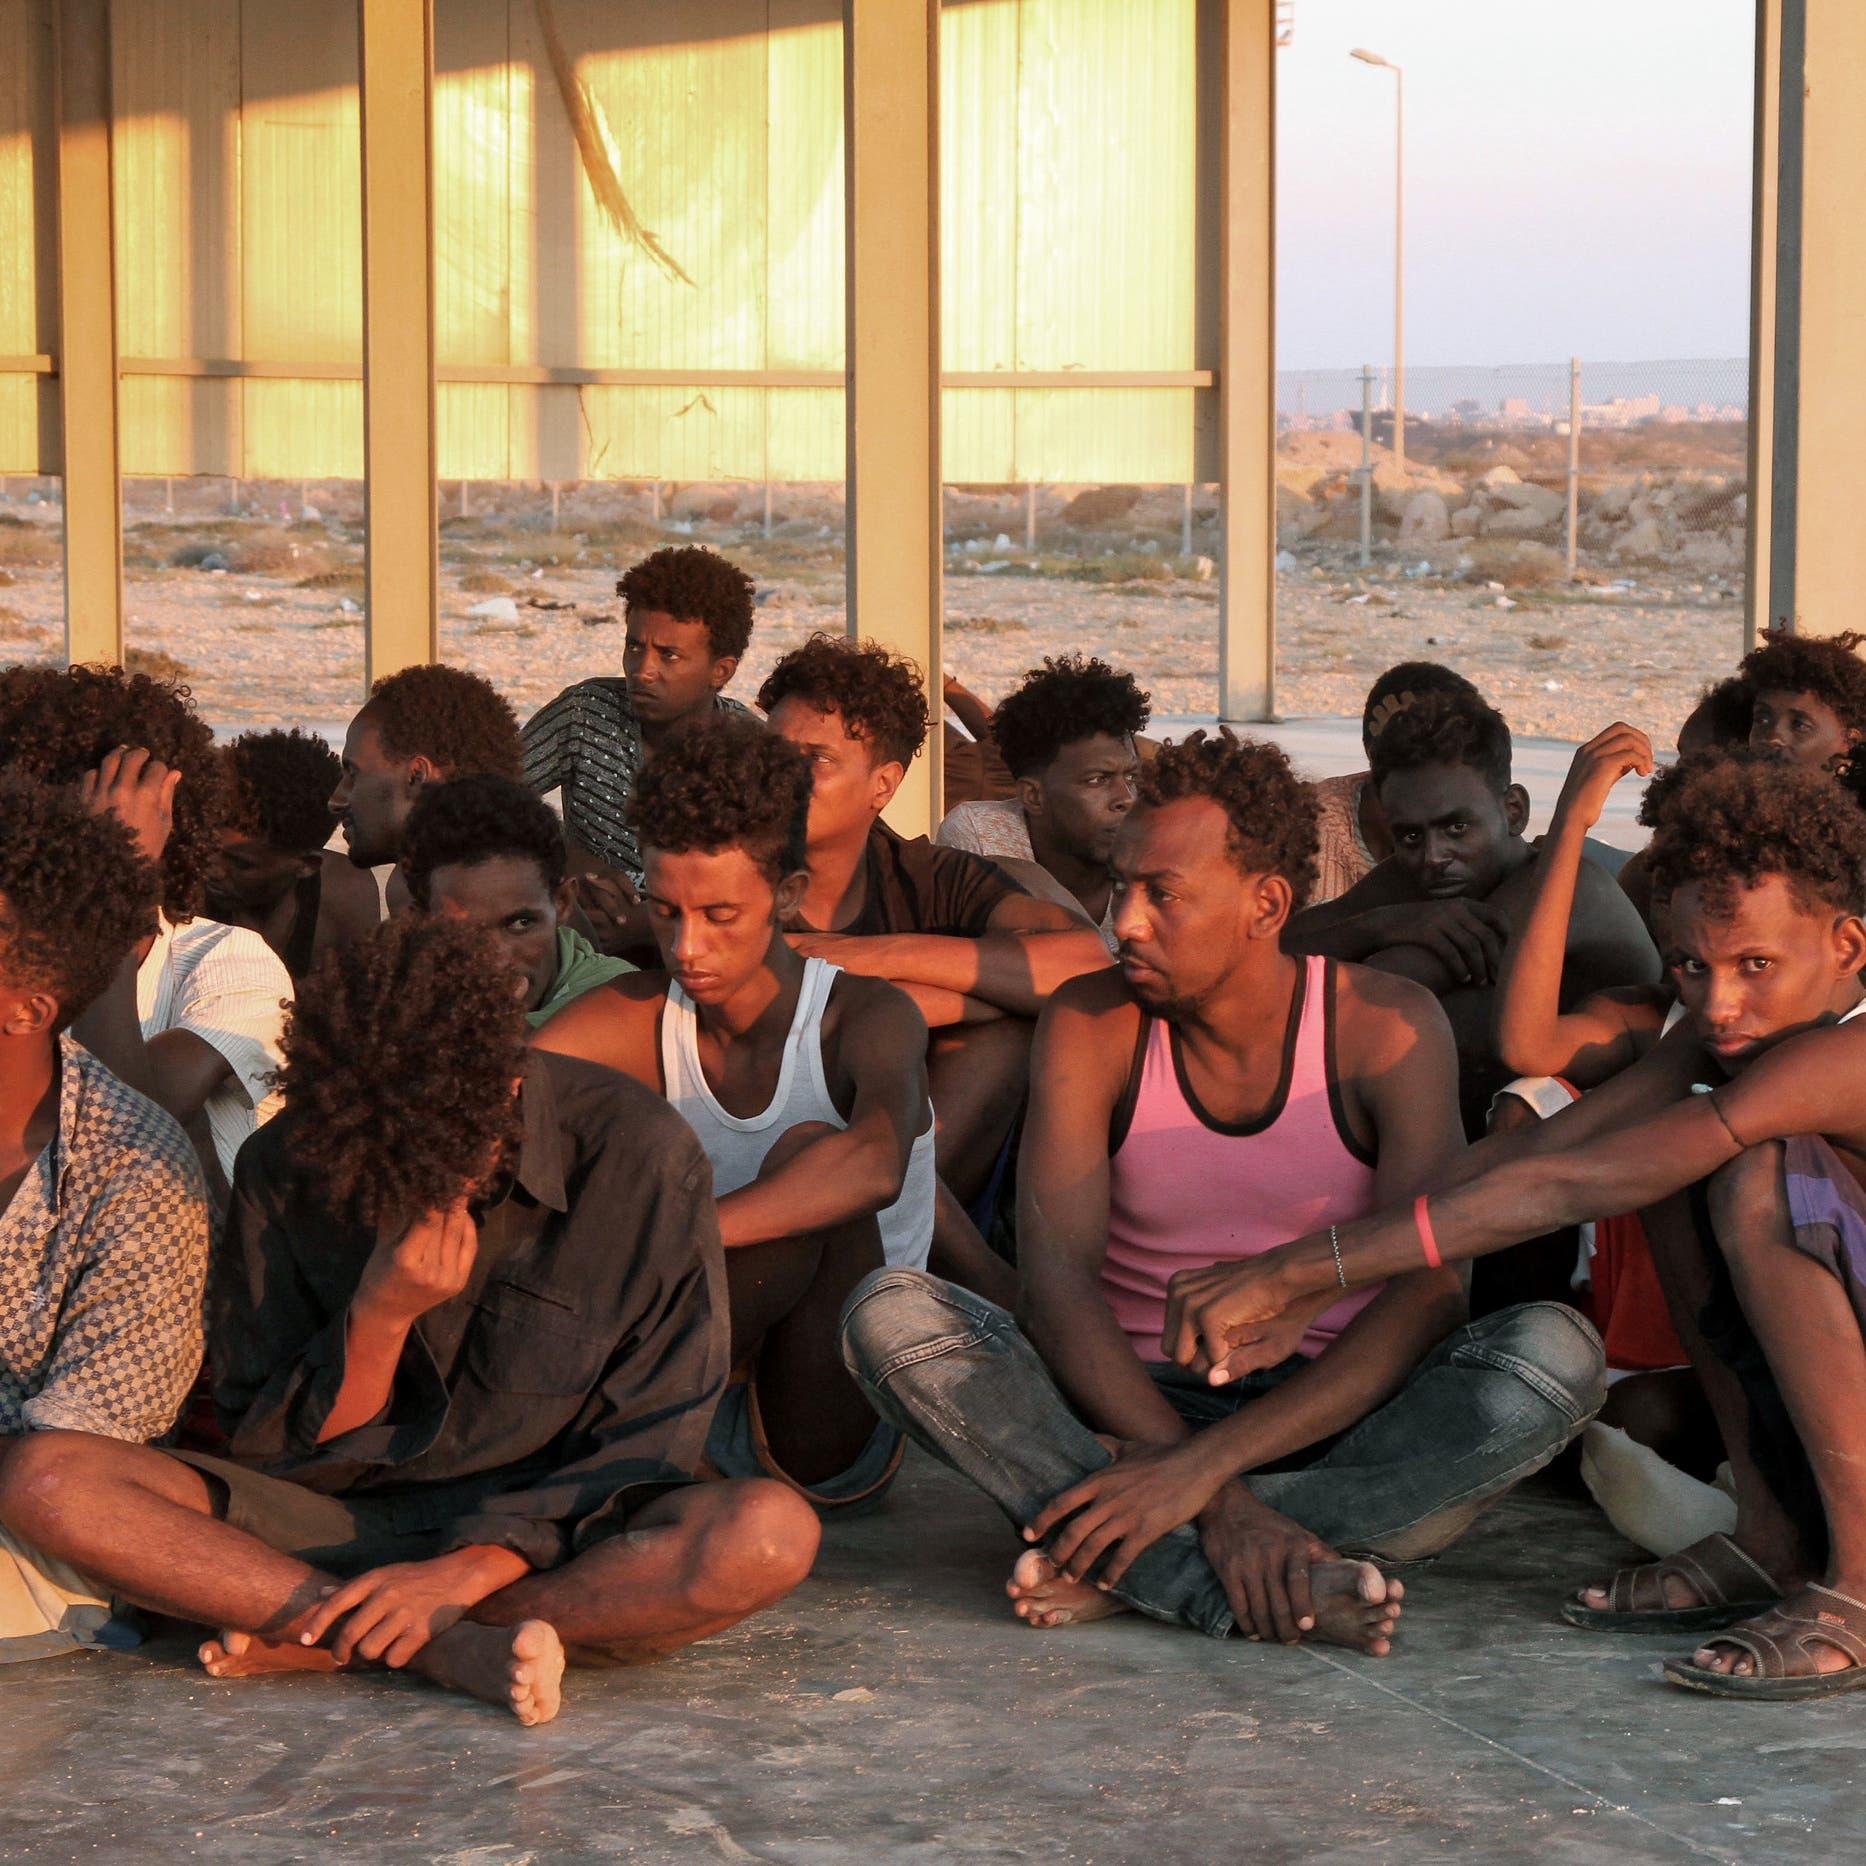 ليبيا.. ميليشيا تابعة للوفاق تحتجز مهاجرين بظروف مروعة